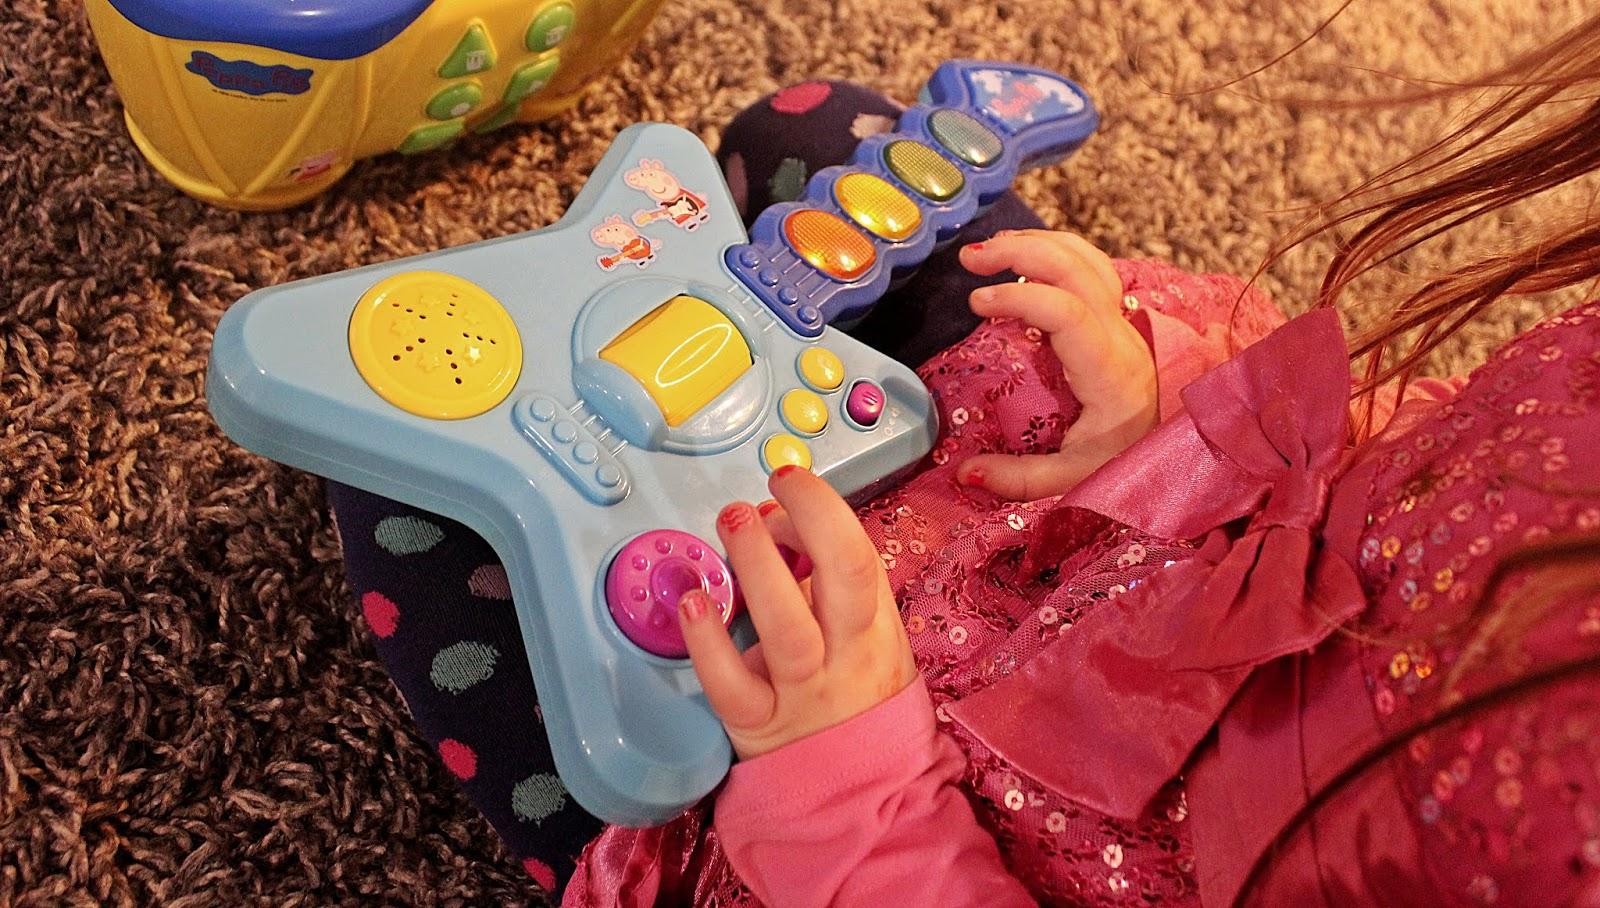 muzyczne zabawki dla dzieci